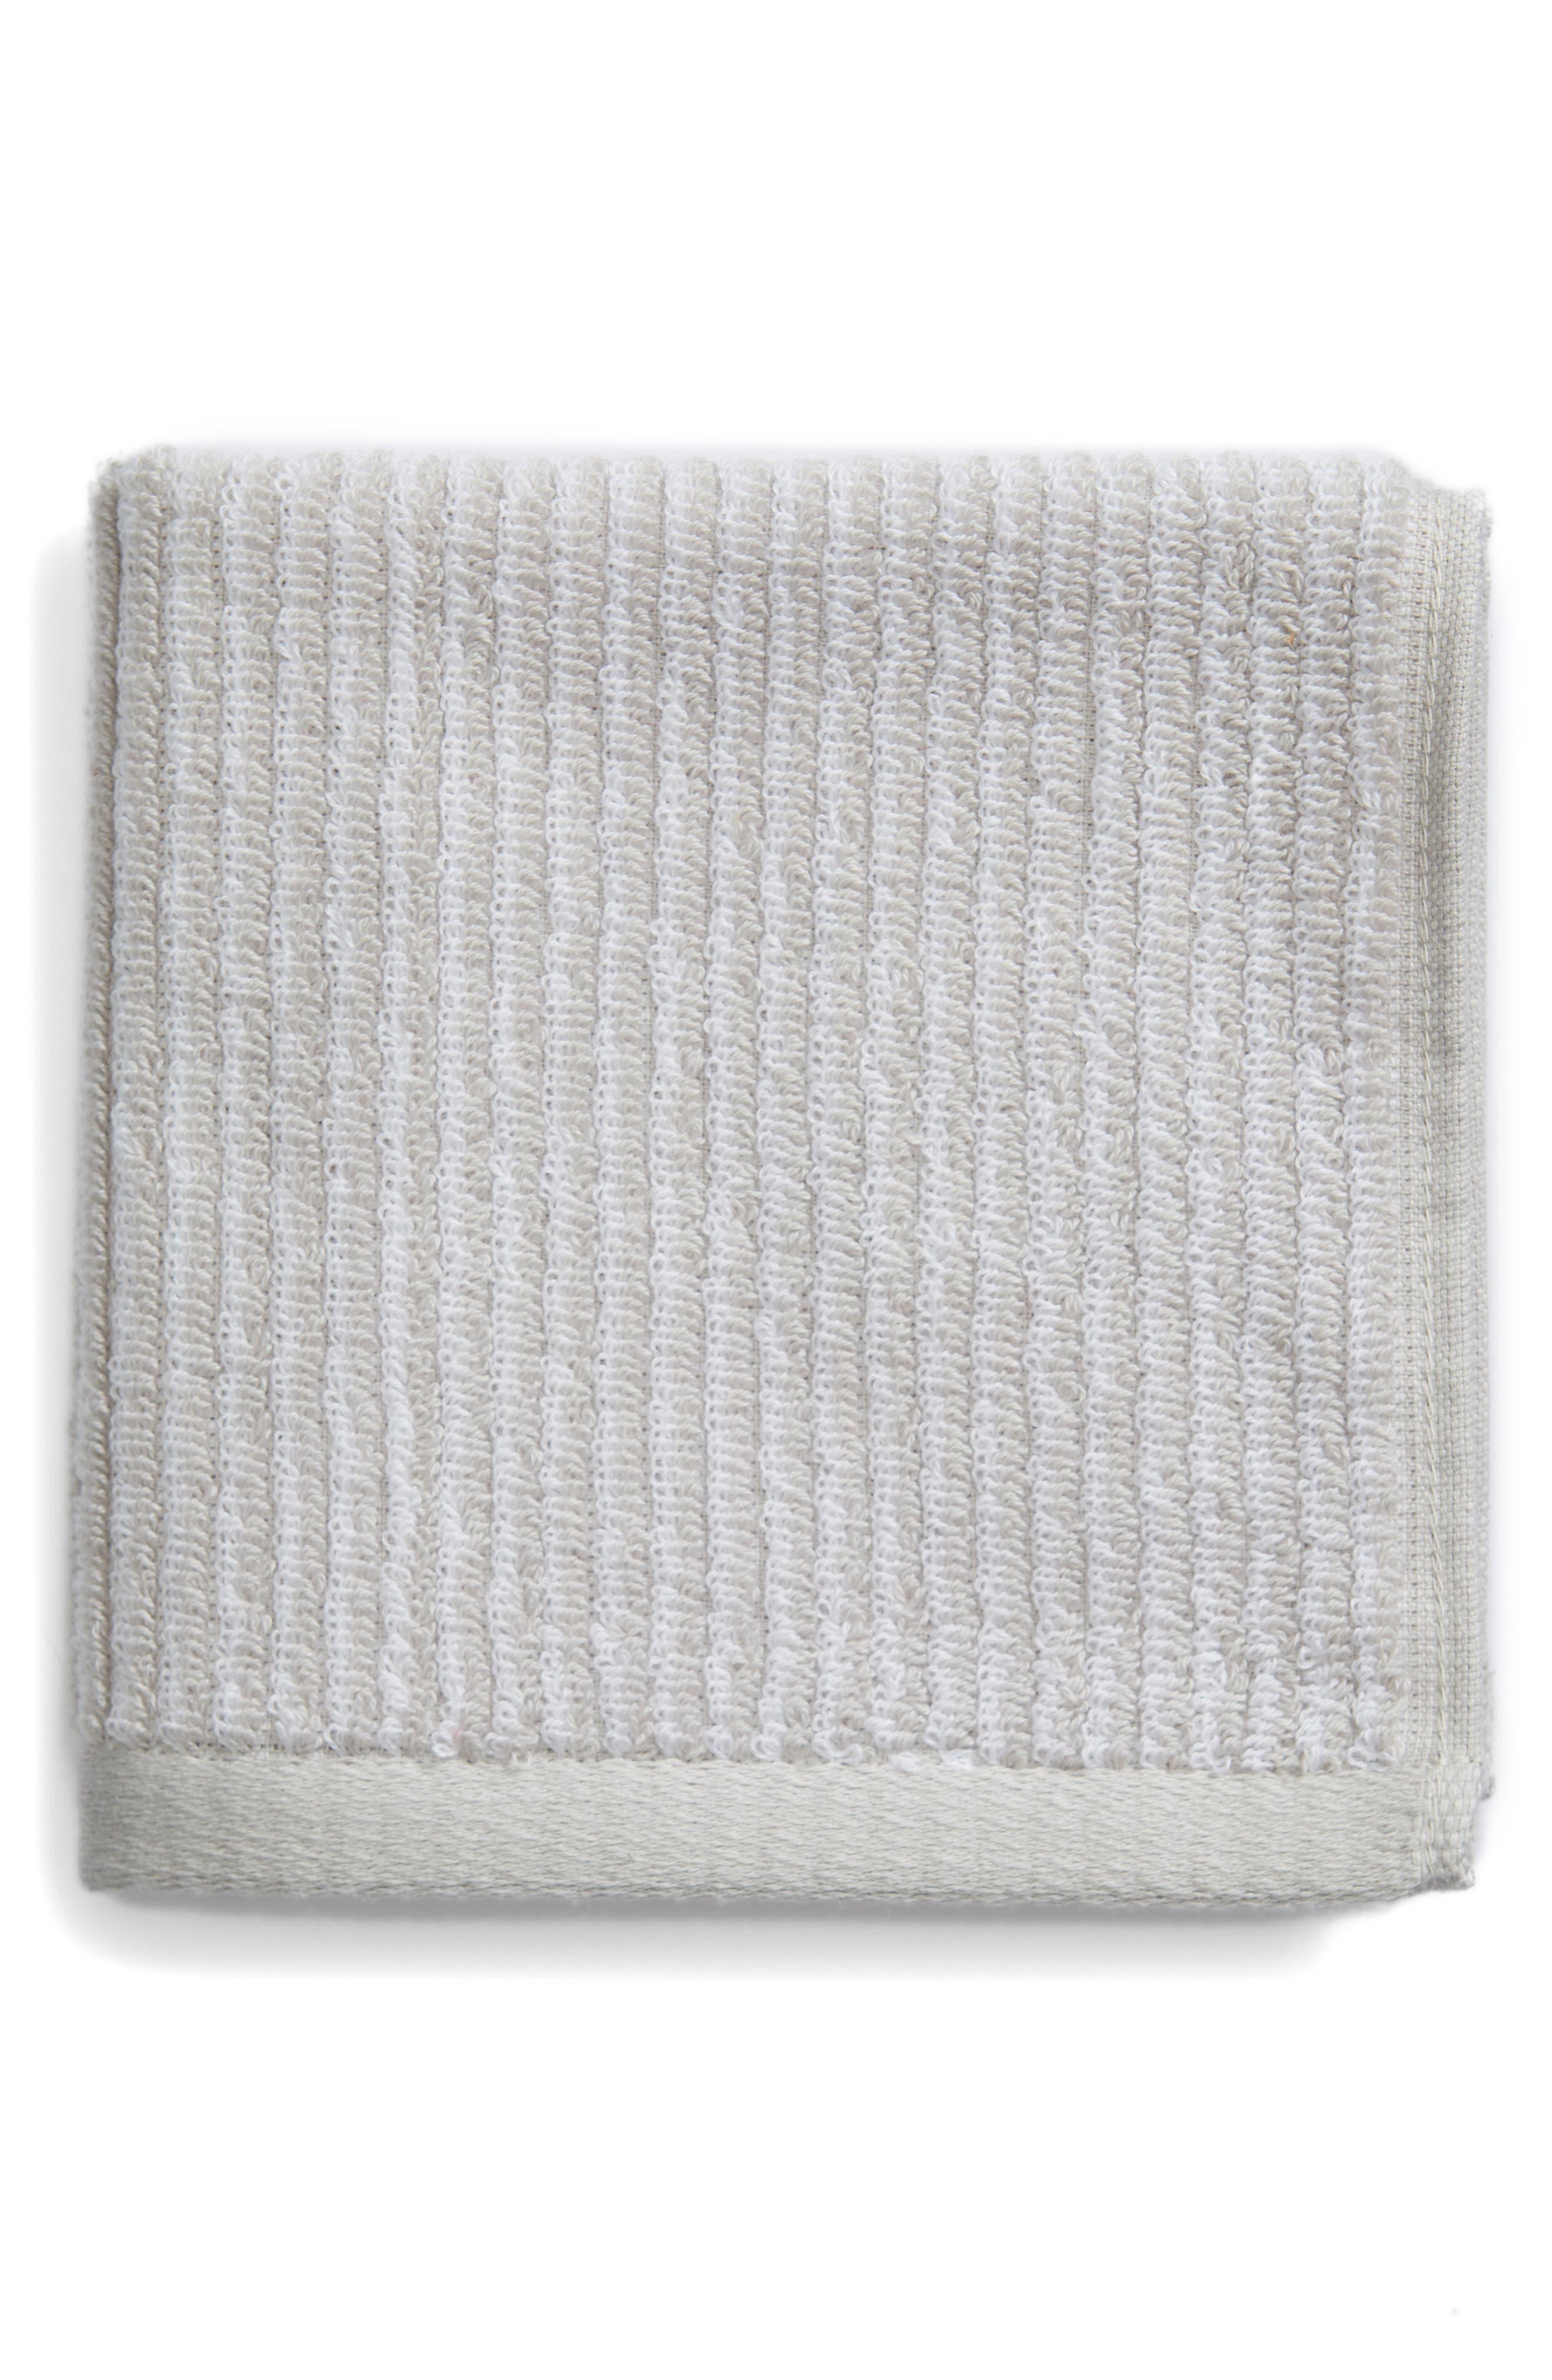 Ezra Stripe Washcloth,                         Main,                         color, GREY VAPOR